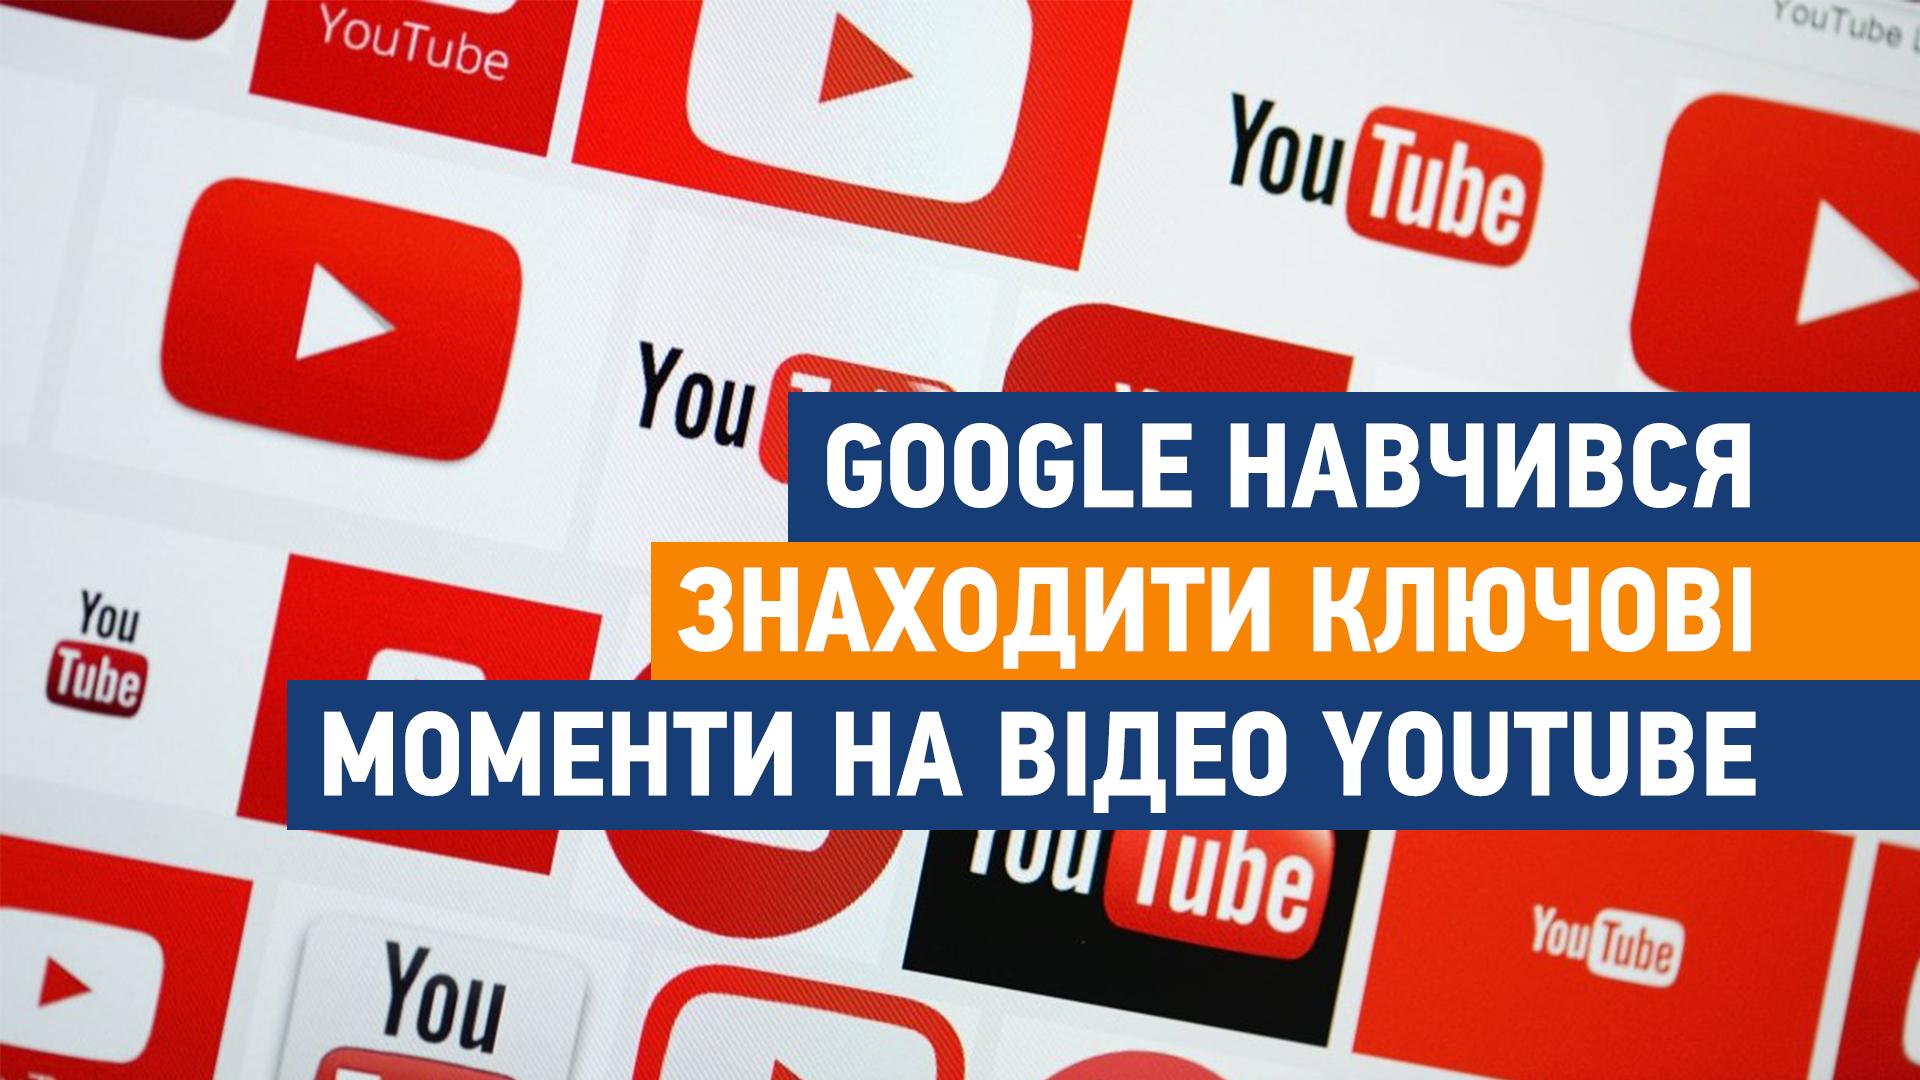 Google навчився знаходити ключові моменти на відео YouTube